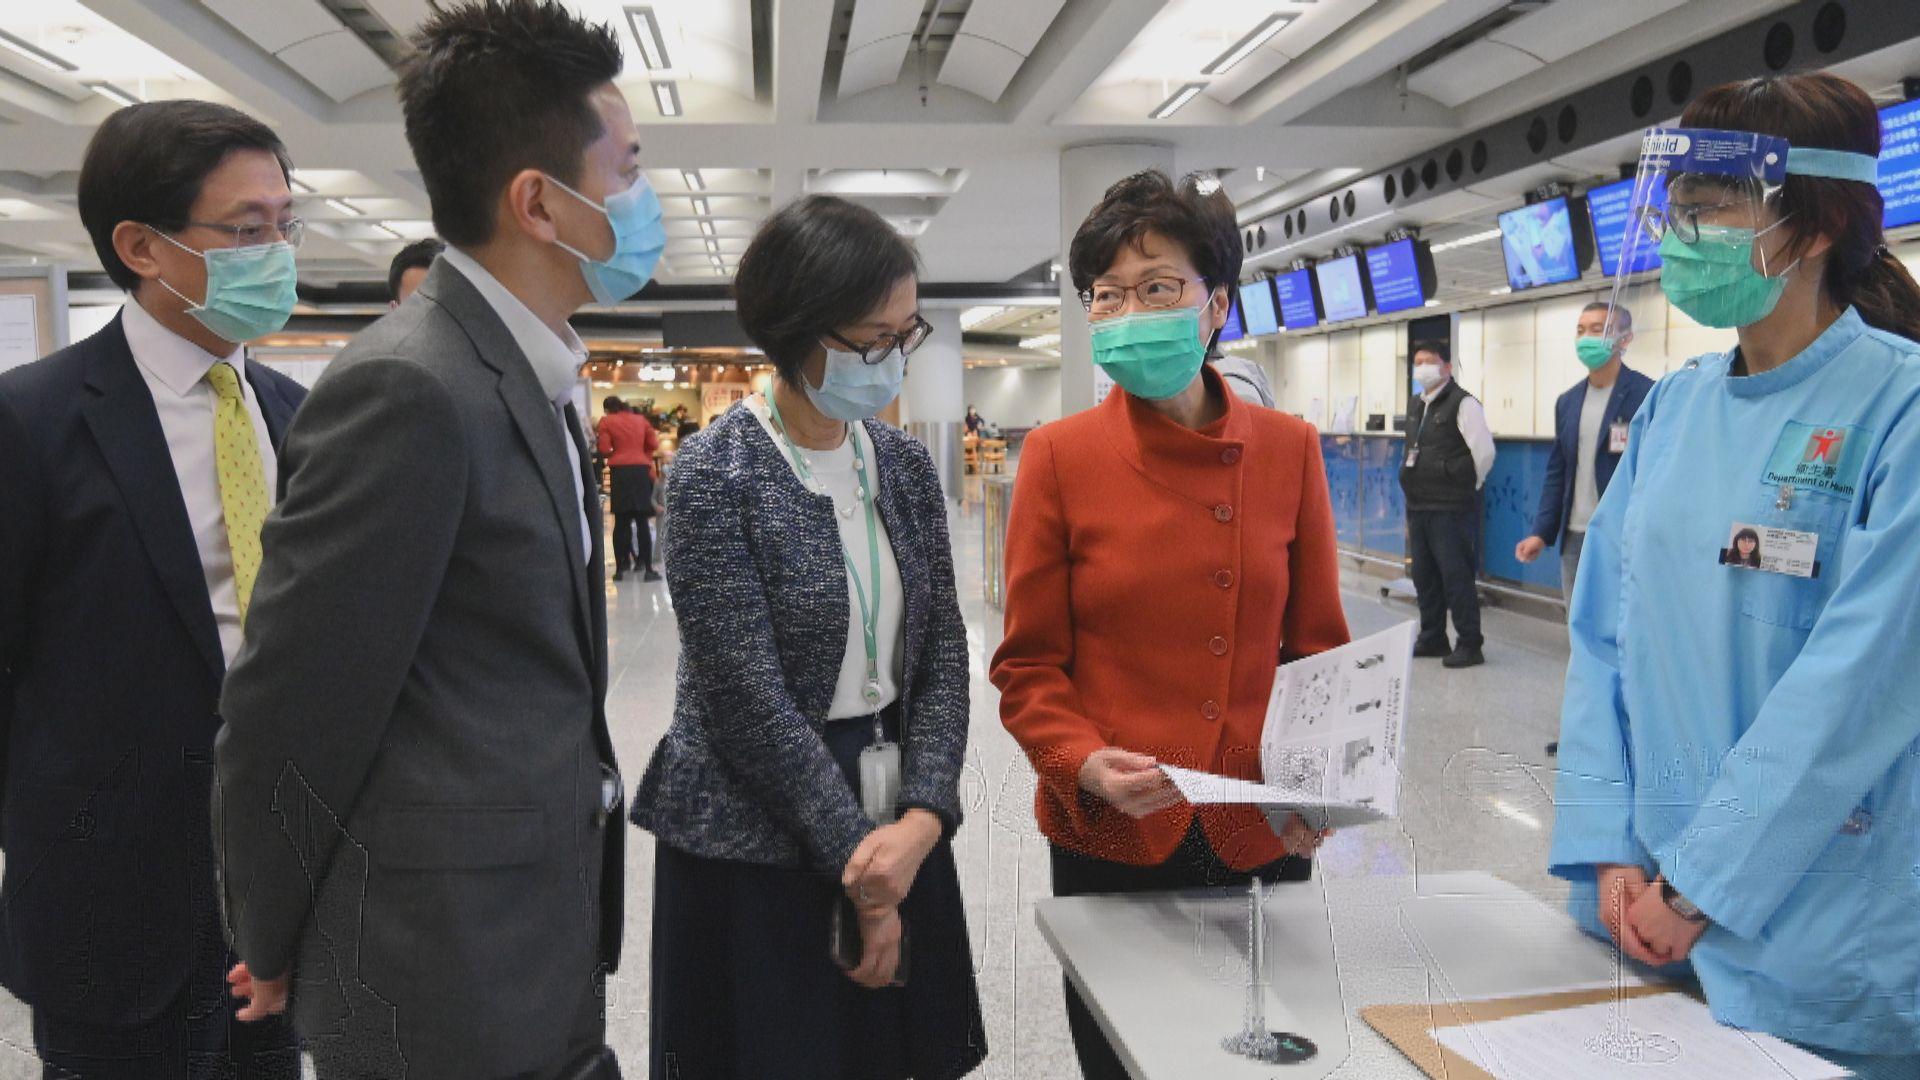 林鄭月娥到機場視察強制檢疫措施